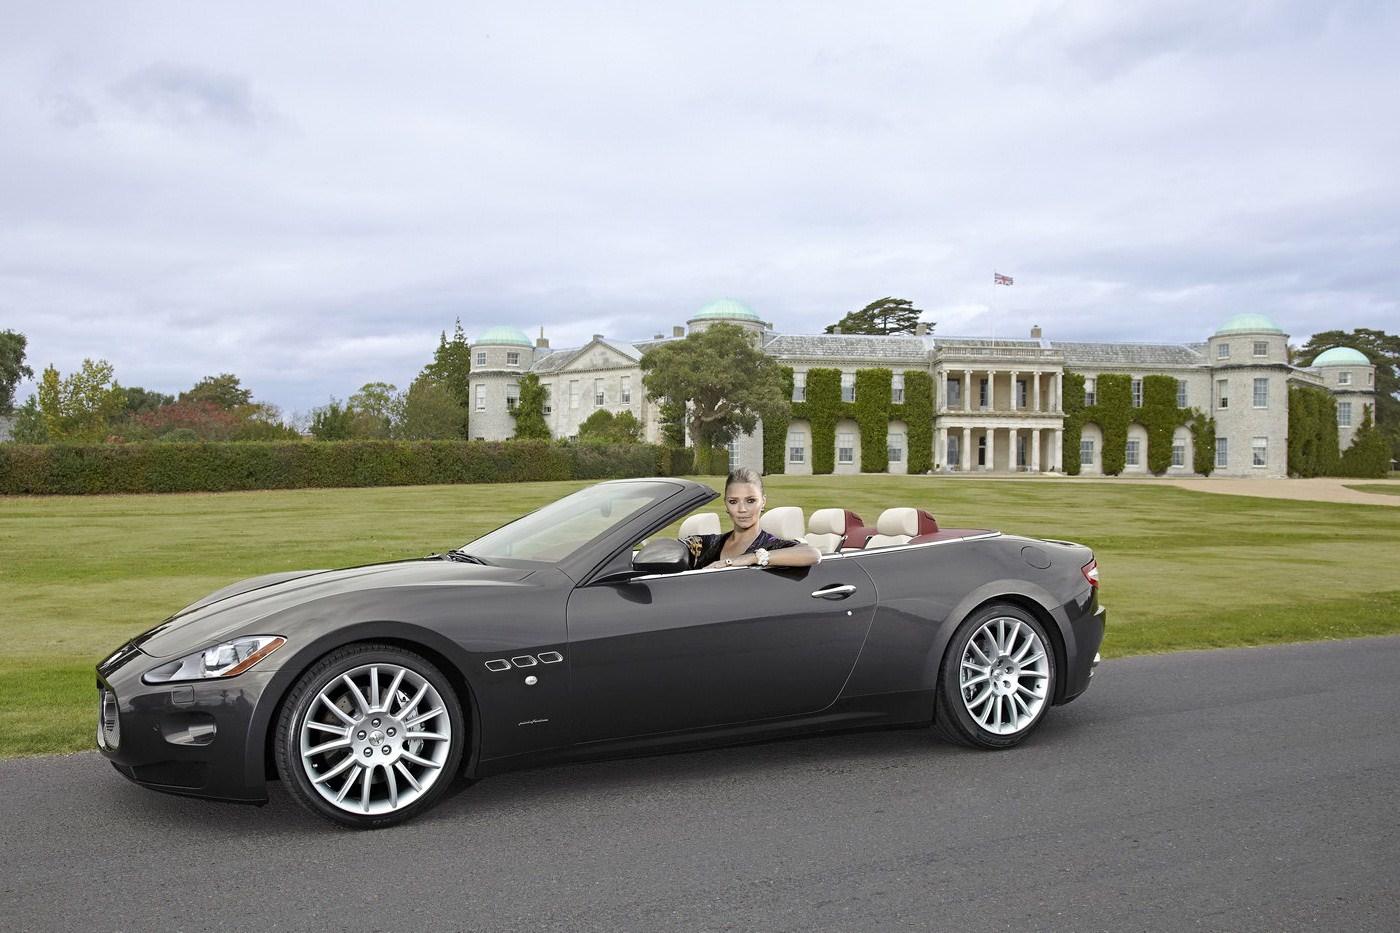 Test Drive: 2015 Maserati GranCabrio